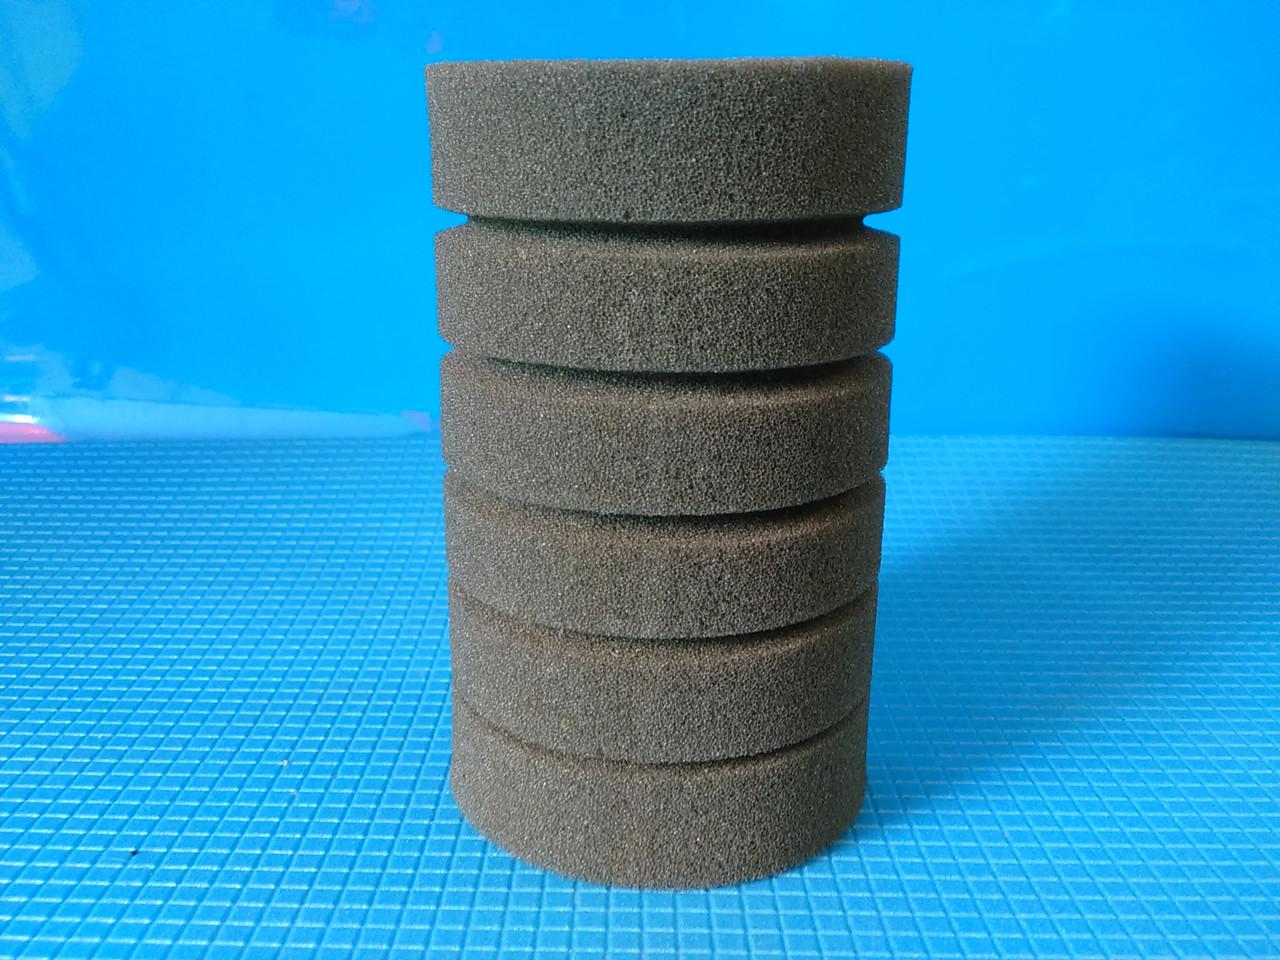 Мочалка серая, цилиндрическая (10*20)см, с прорезями для лучшей фильтрации